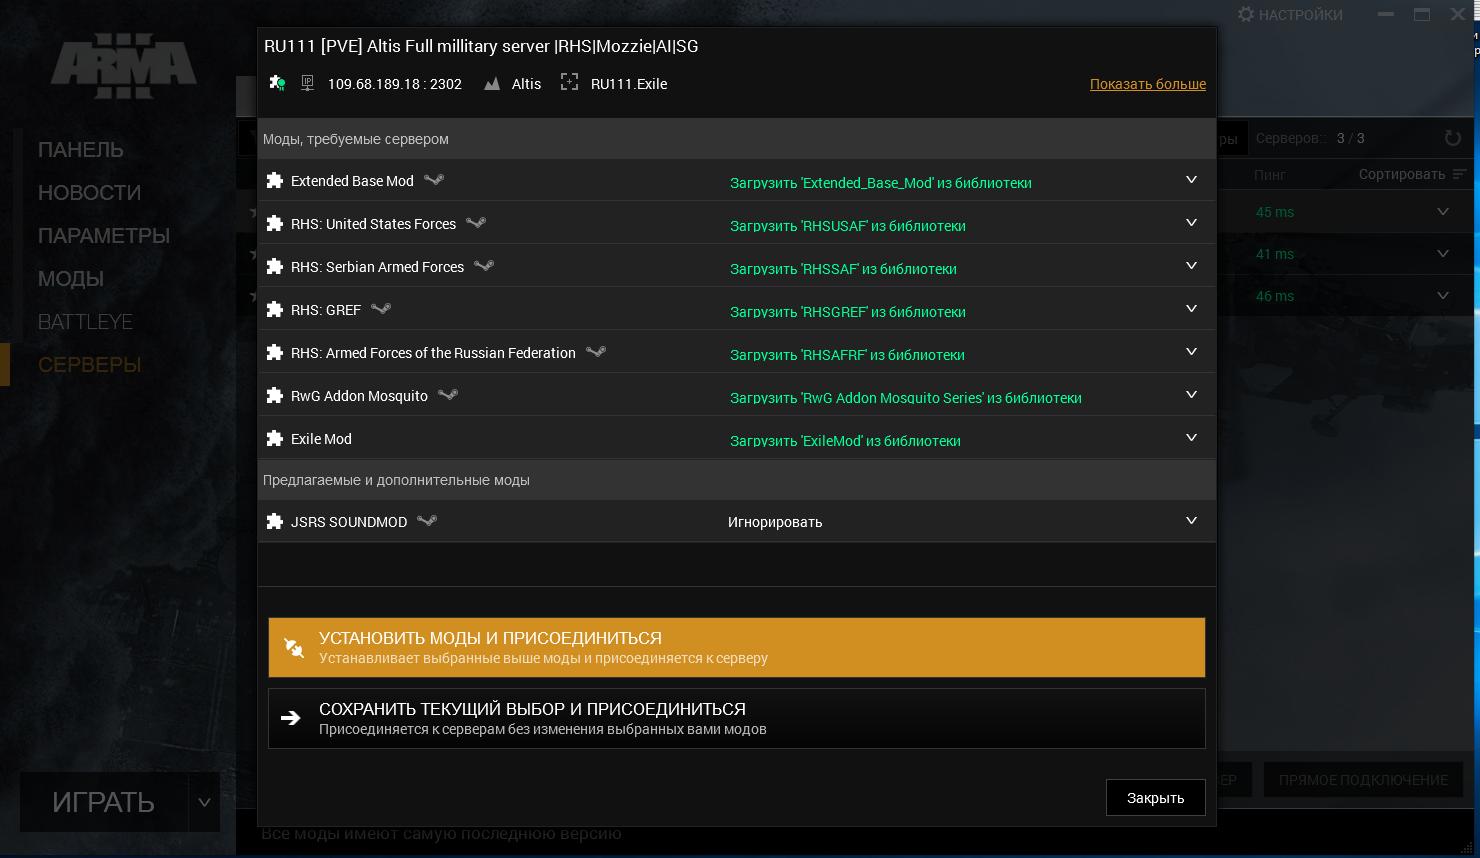 Список модов для входа на сервер RU111 PVE ALTIS